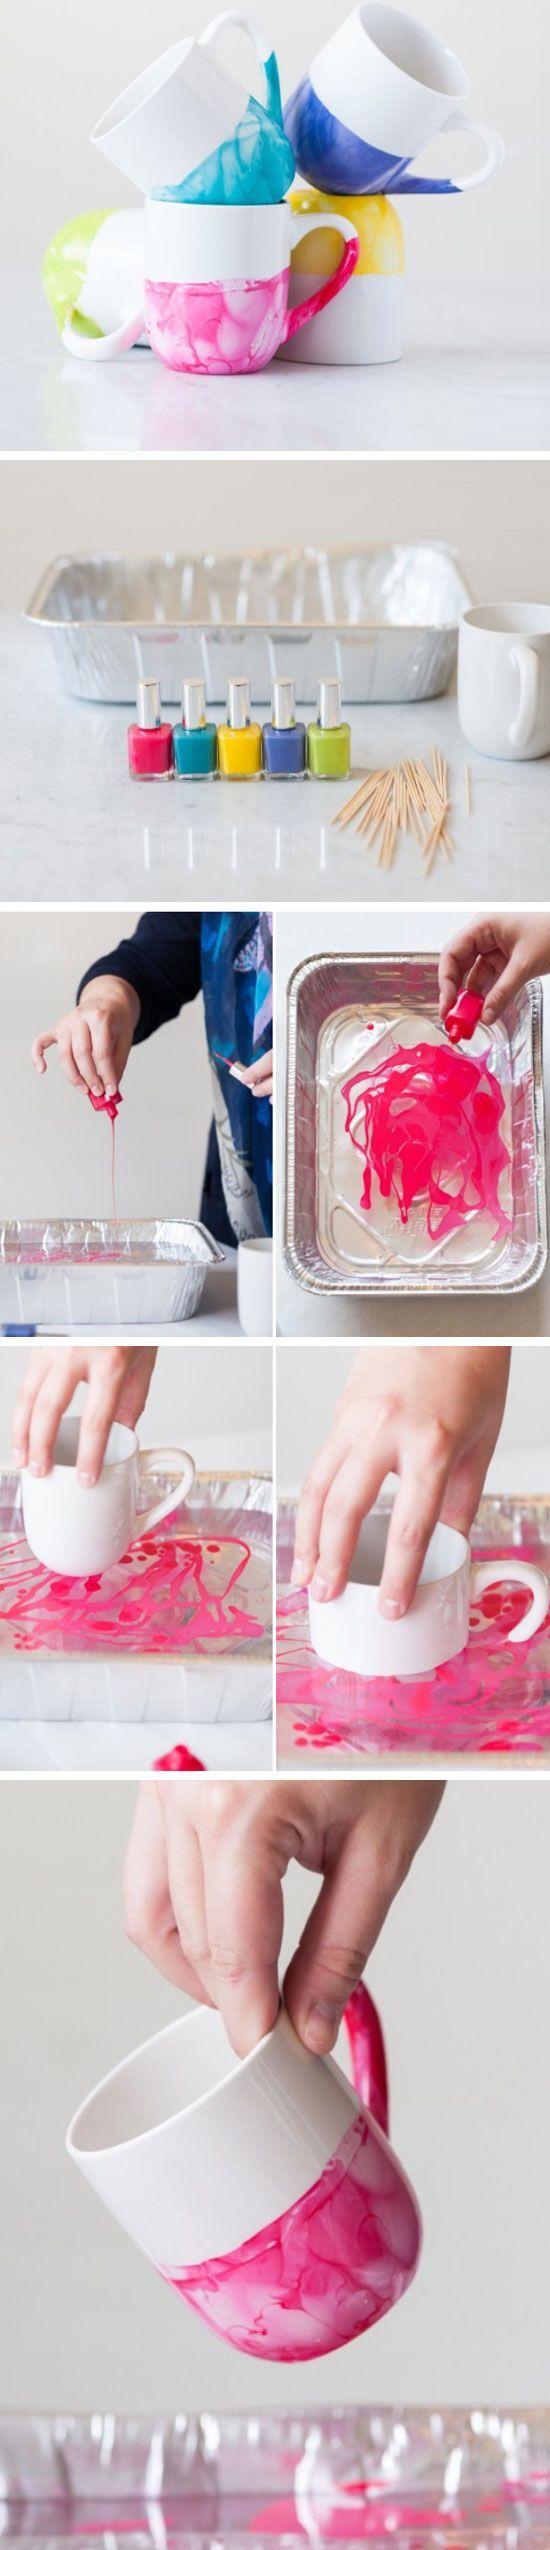 activité manuelle adulte, tutoriel comment créer un mug personnalisé, vernis à ongles à dissoudre dans de l au